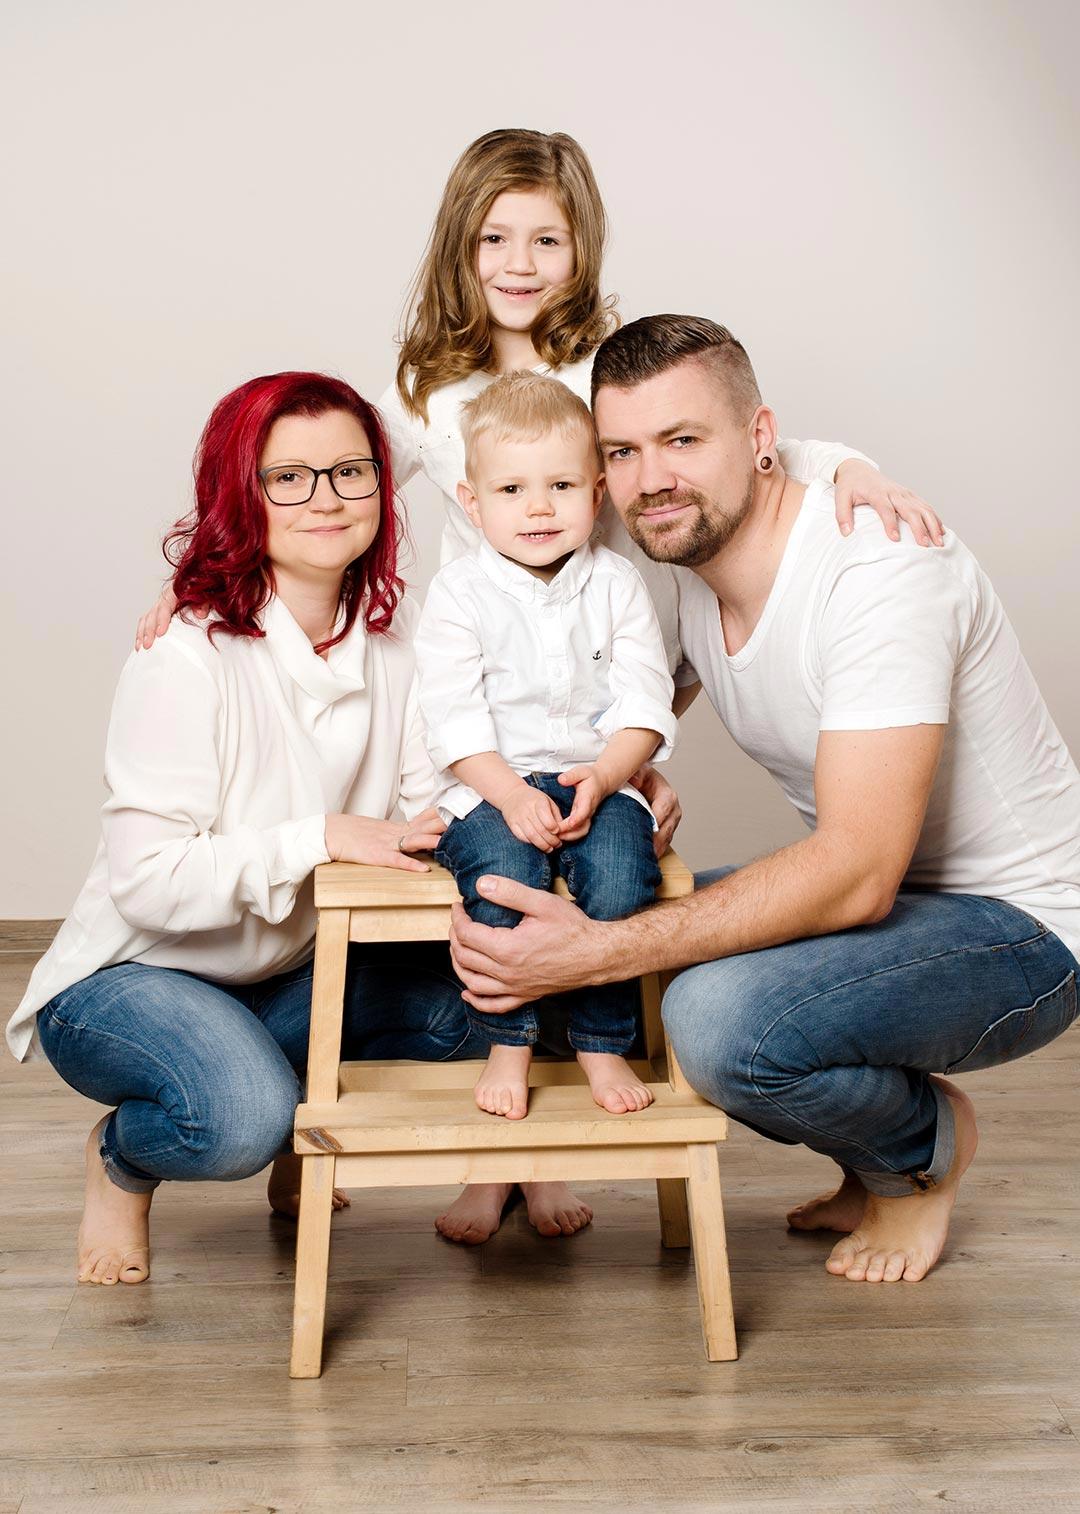 Fotografie Herzberg - Family